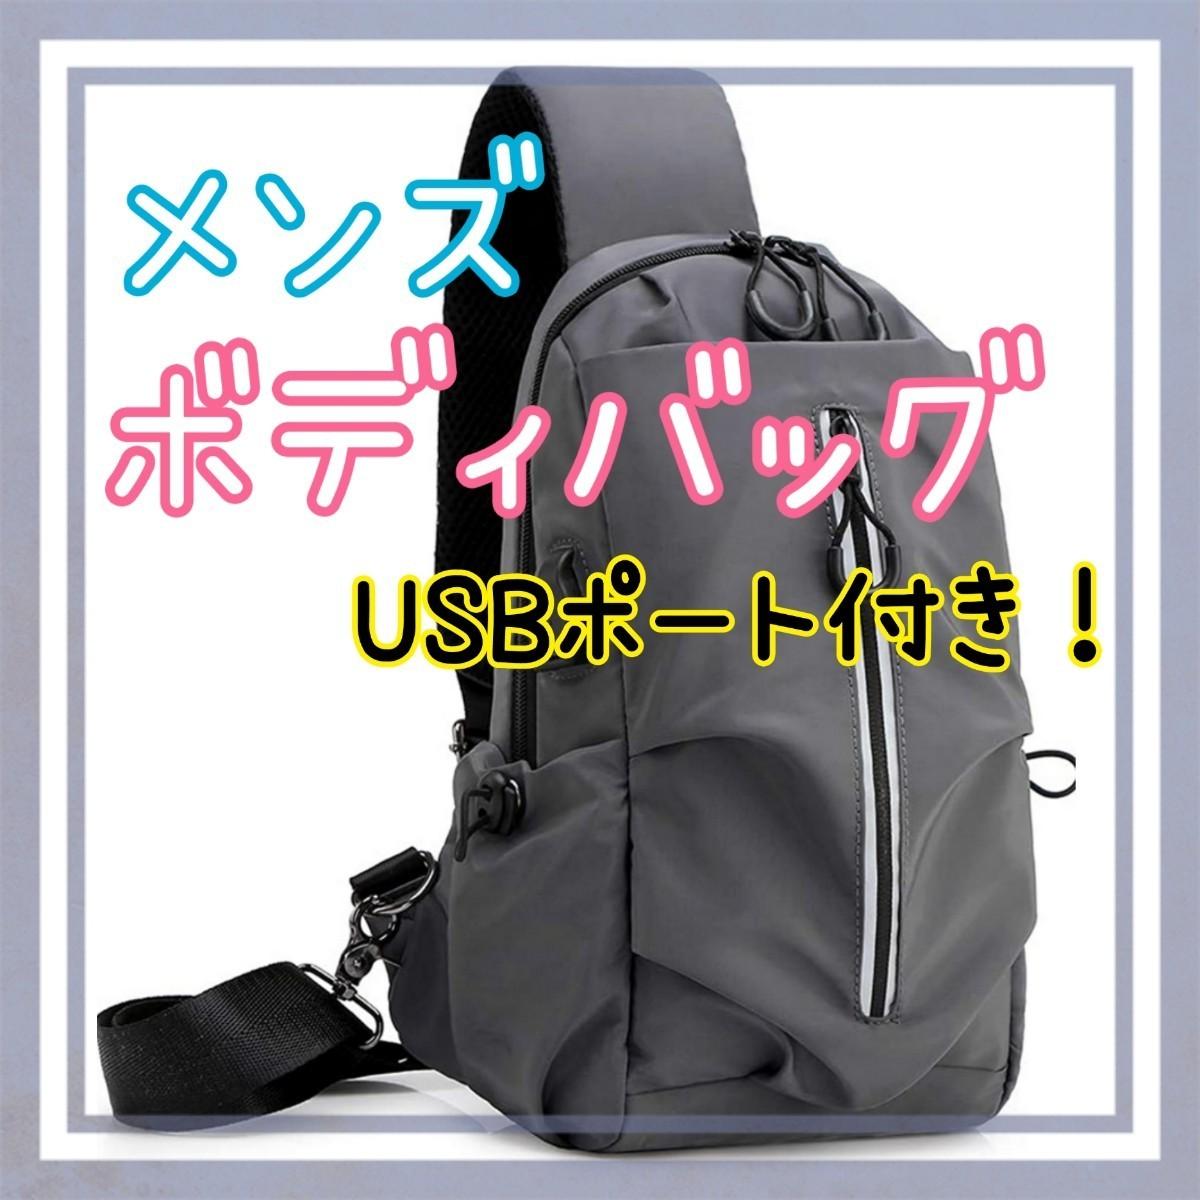 ボディバッグ メンズ 大容量 防水 USBポート付き 軽量 ショルダーバッグ グレー